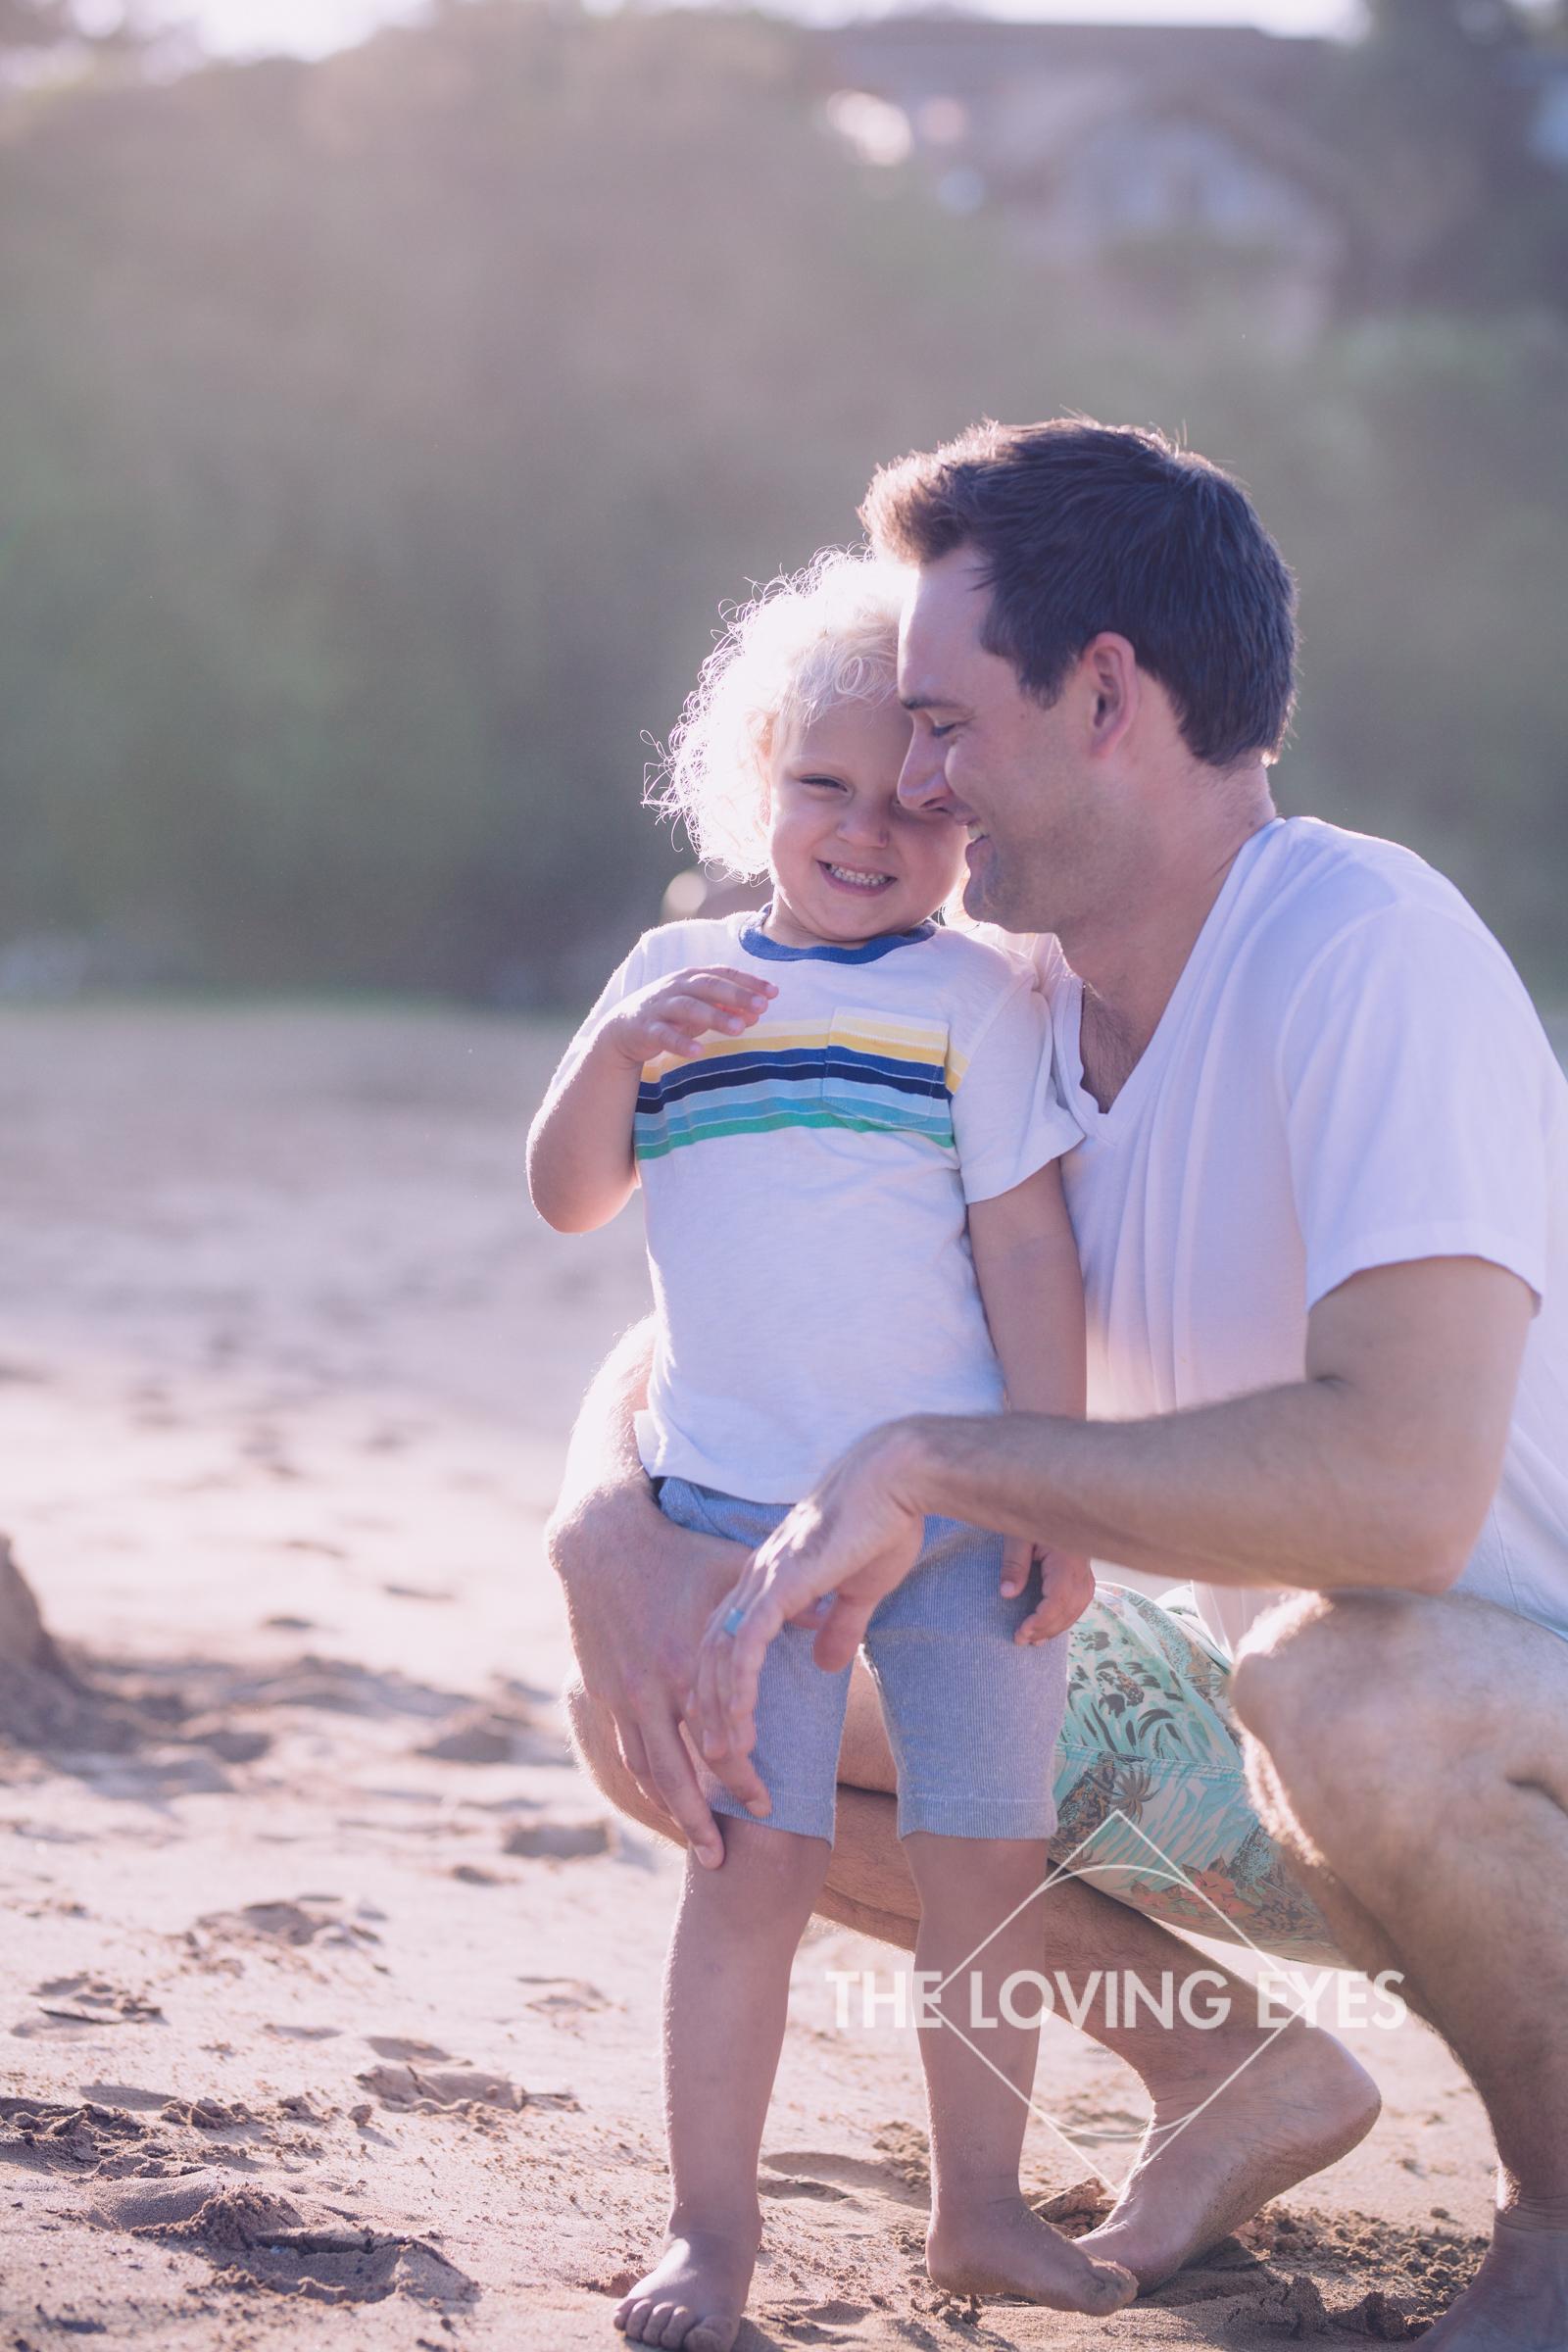 Kauai-Family-Vacation-Beach-Photos-1.jpg